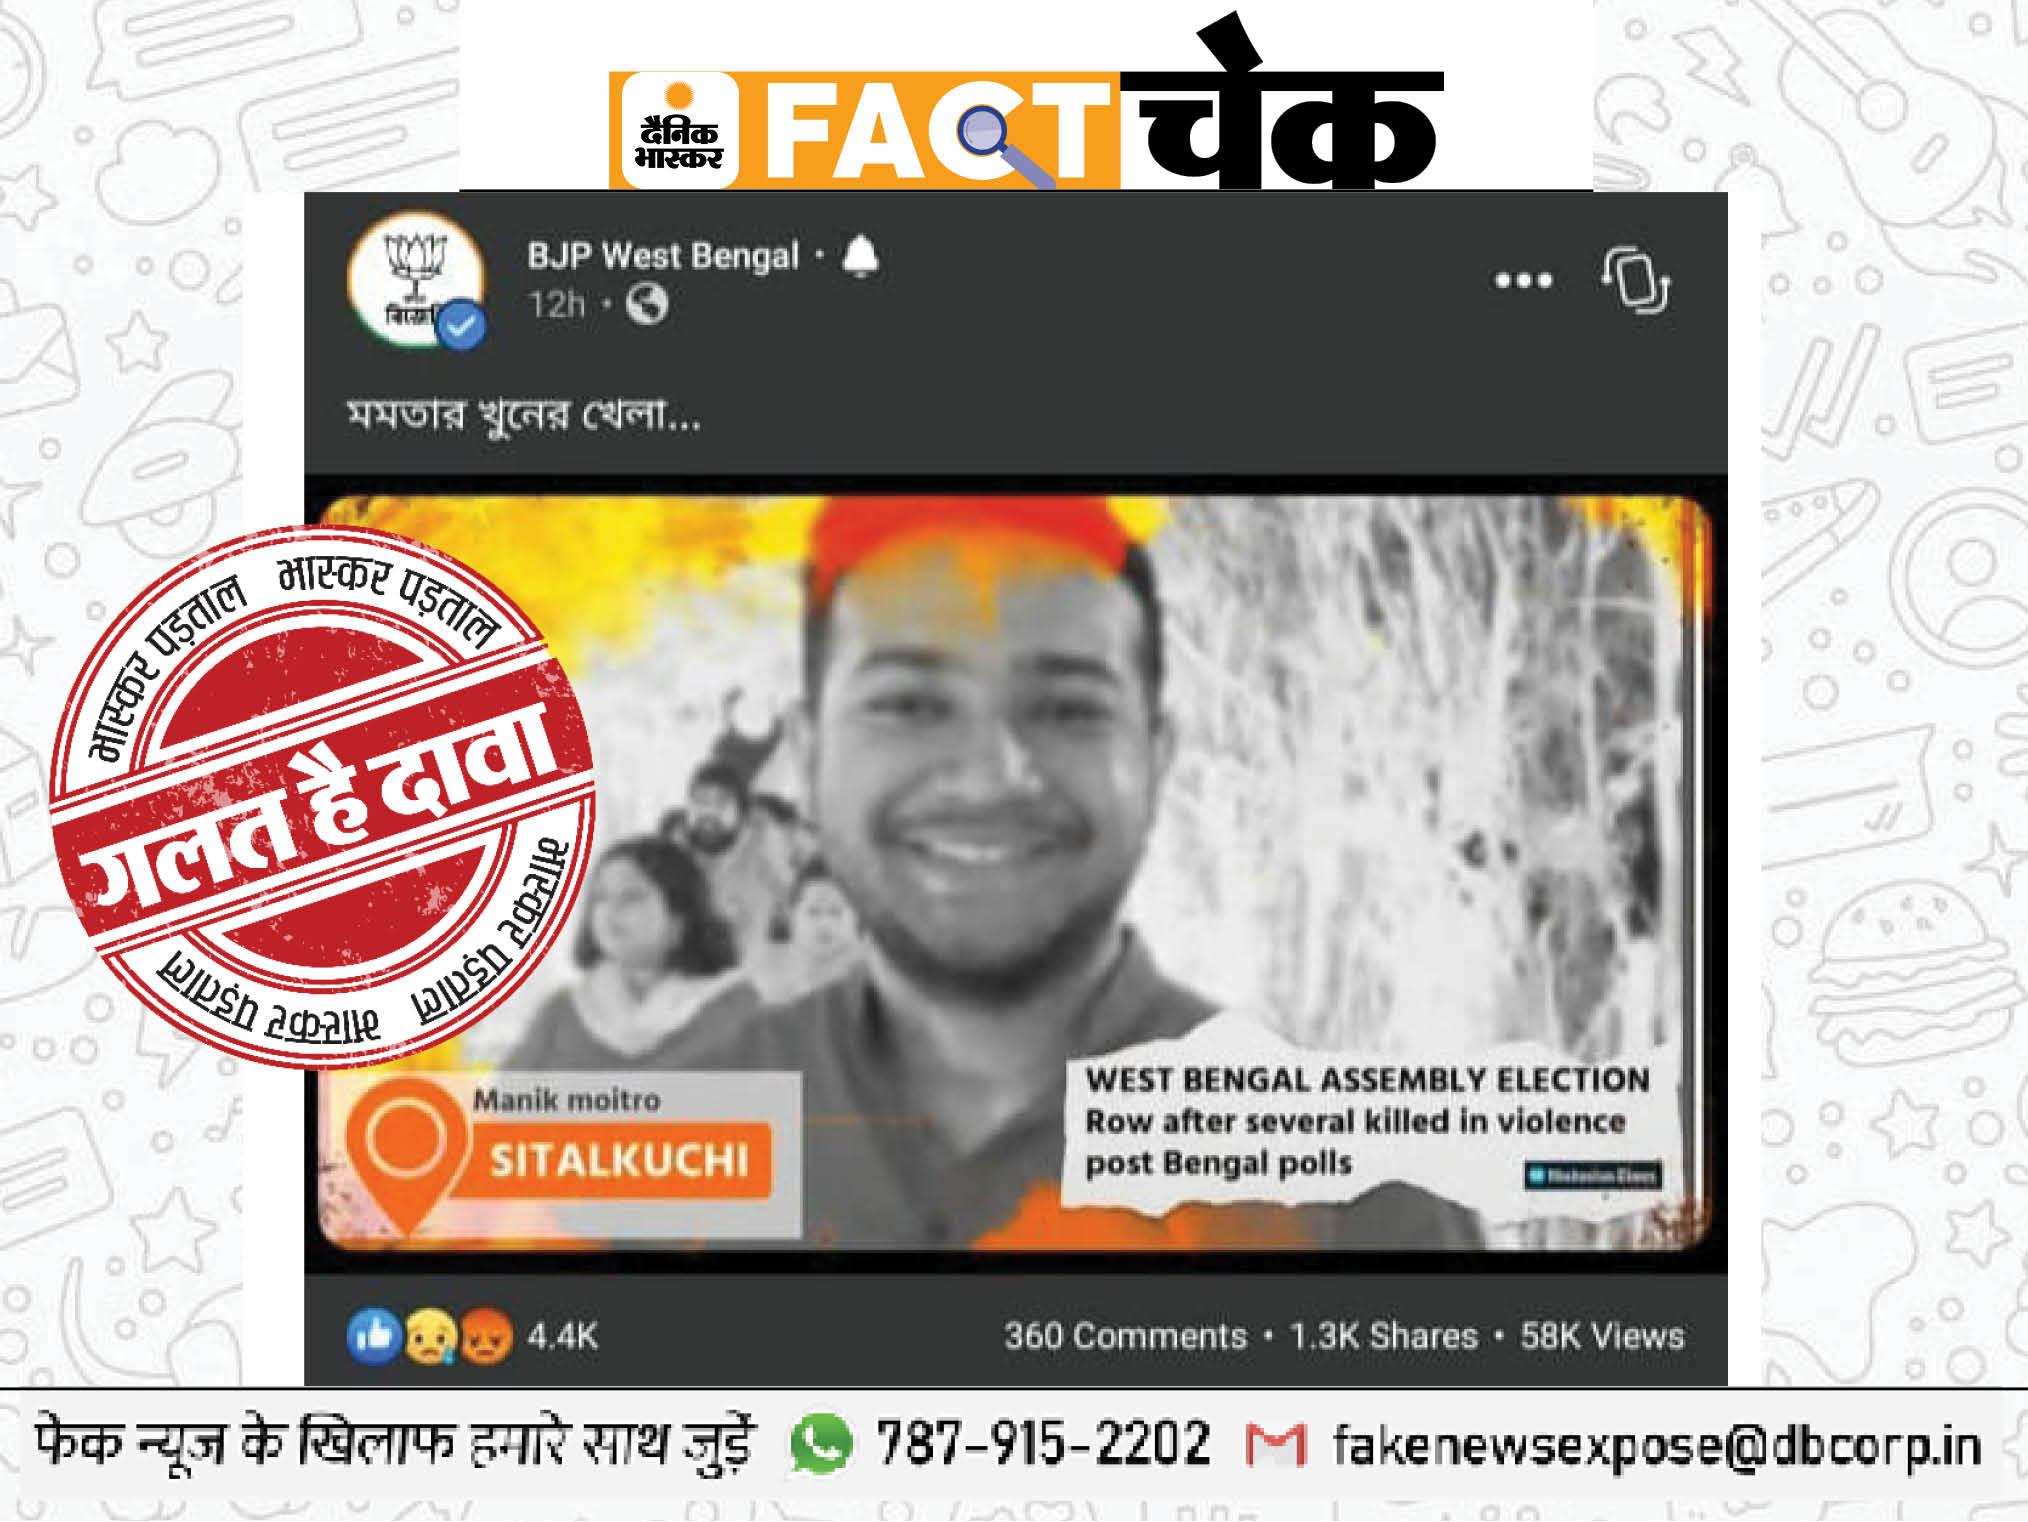 बीजेपी आईटी सेल कादावा बंगाल में चल रही हिंसा में गई मानिक मोइत्रो नामक युवक की जान? जानिए इसकी सच्चाई फेक न्यूज़ एक्सपोज़,Fake News Expose - Dainik Bhaskar